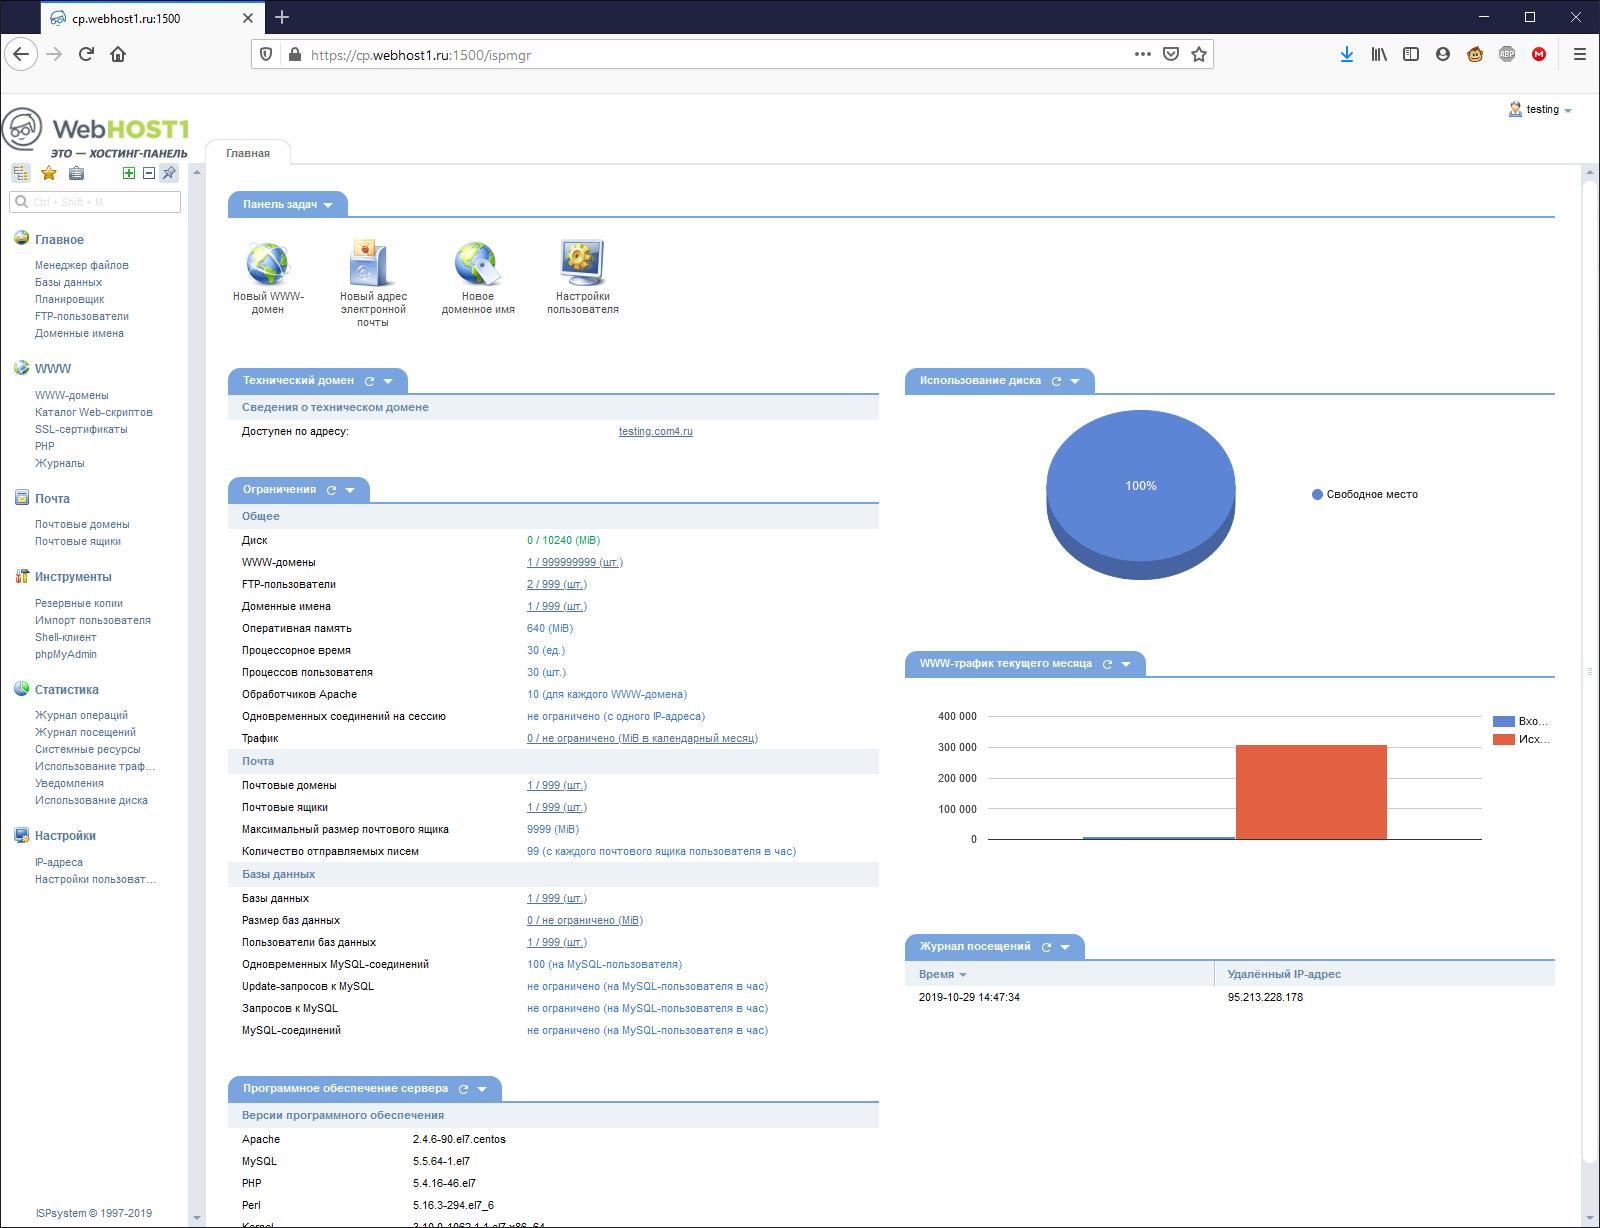 ISPmanager-webhost1